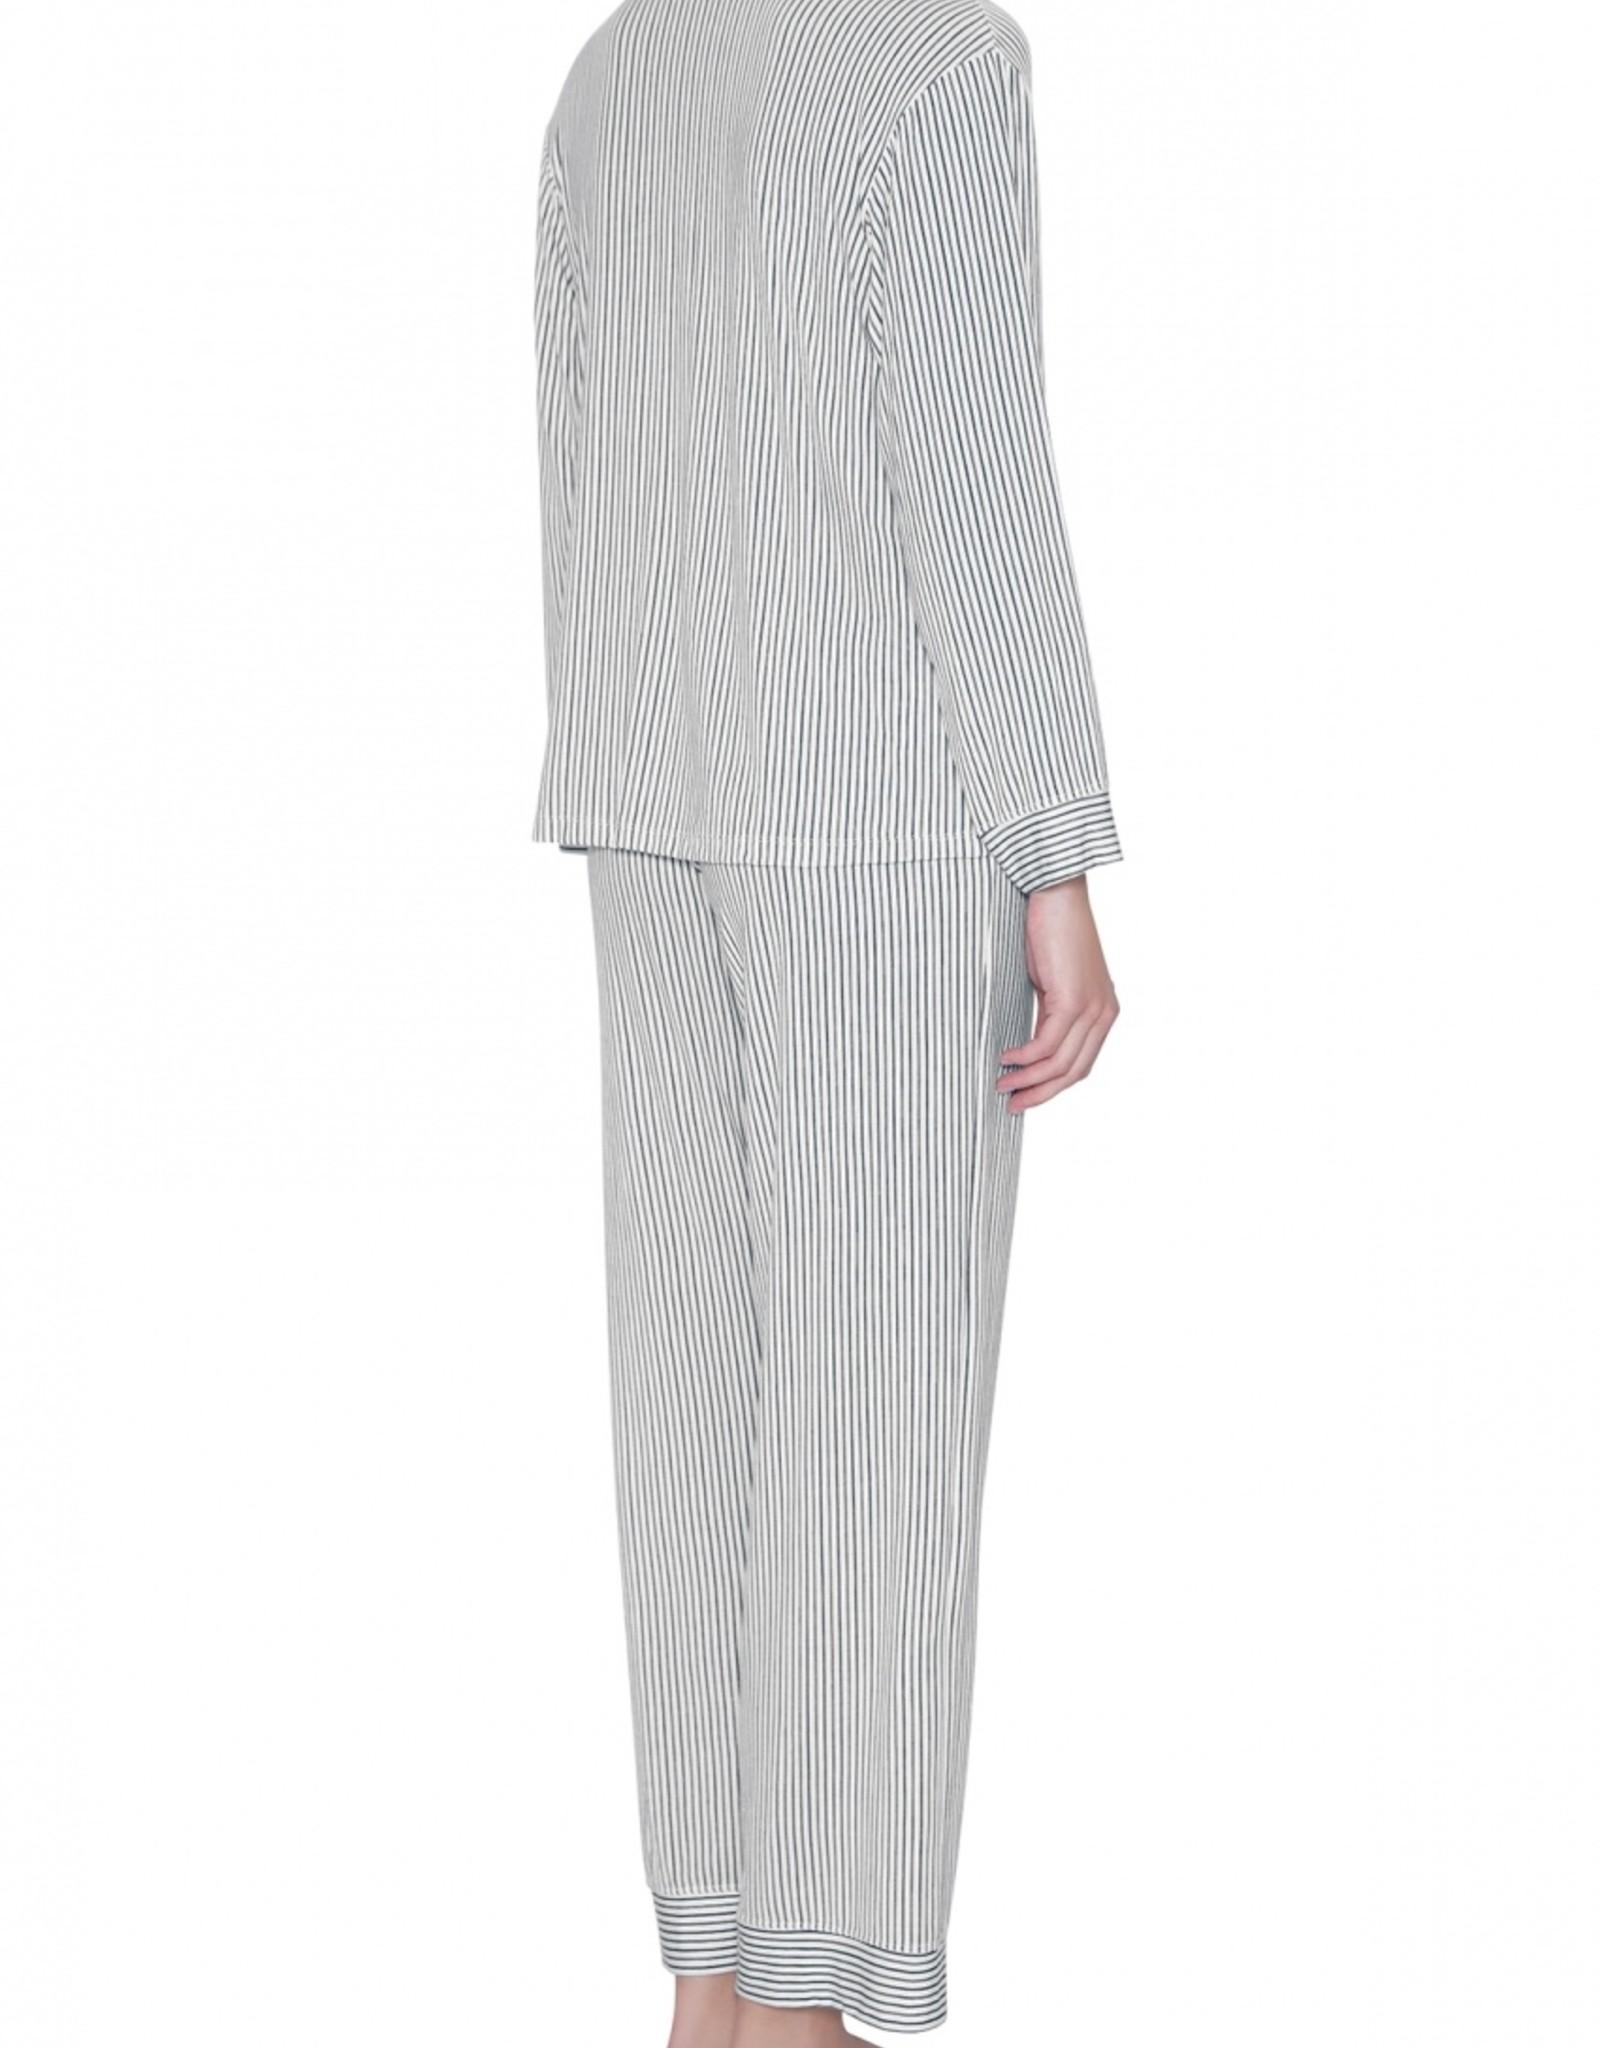 Eberjey Nordic Stripes PJ Set